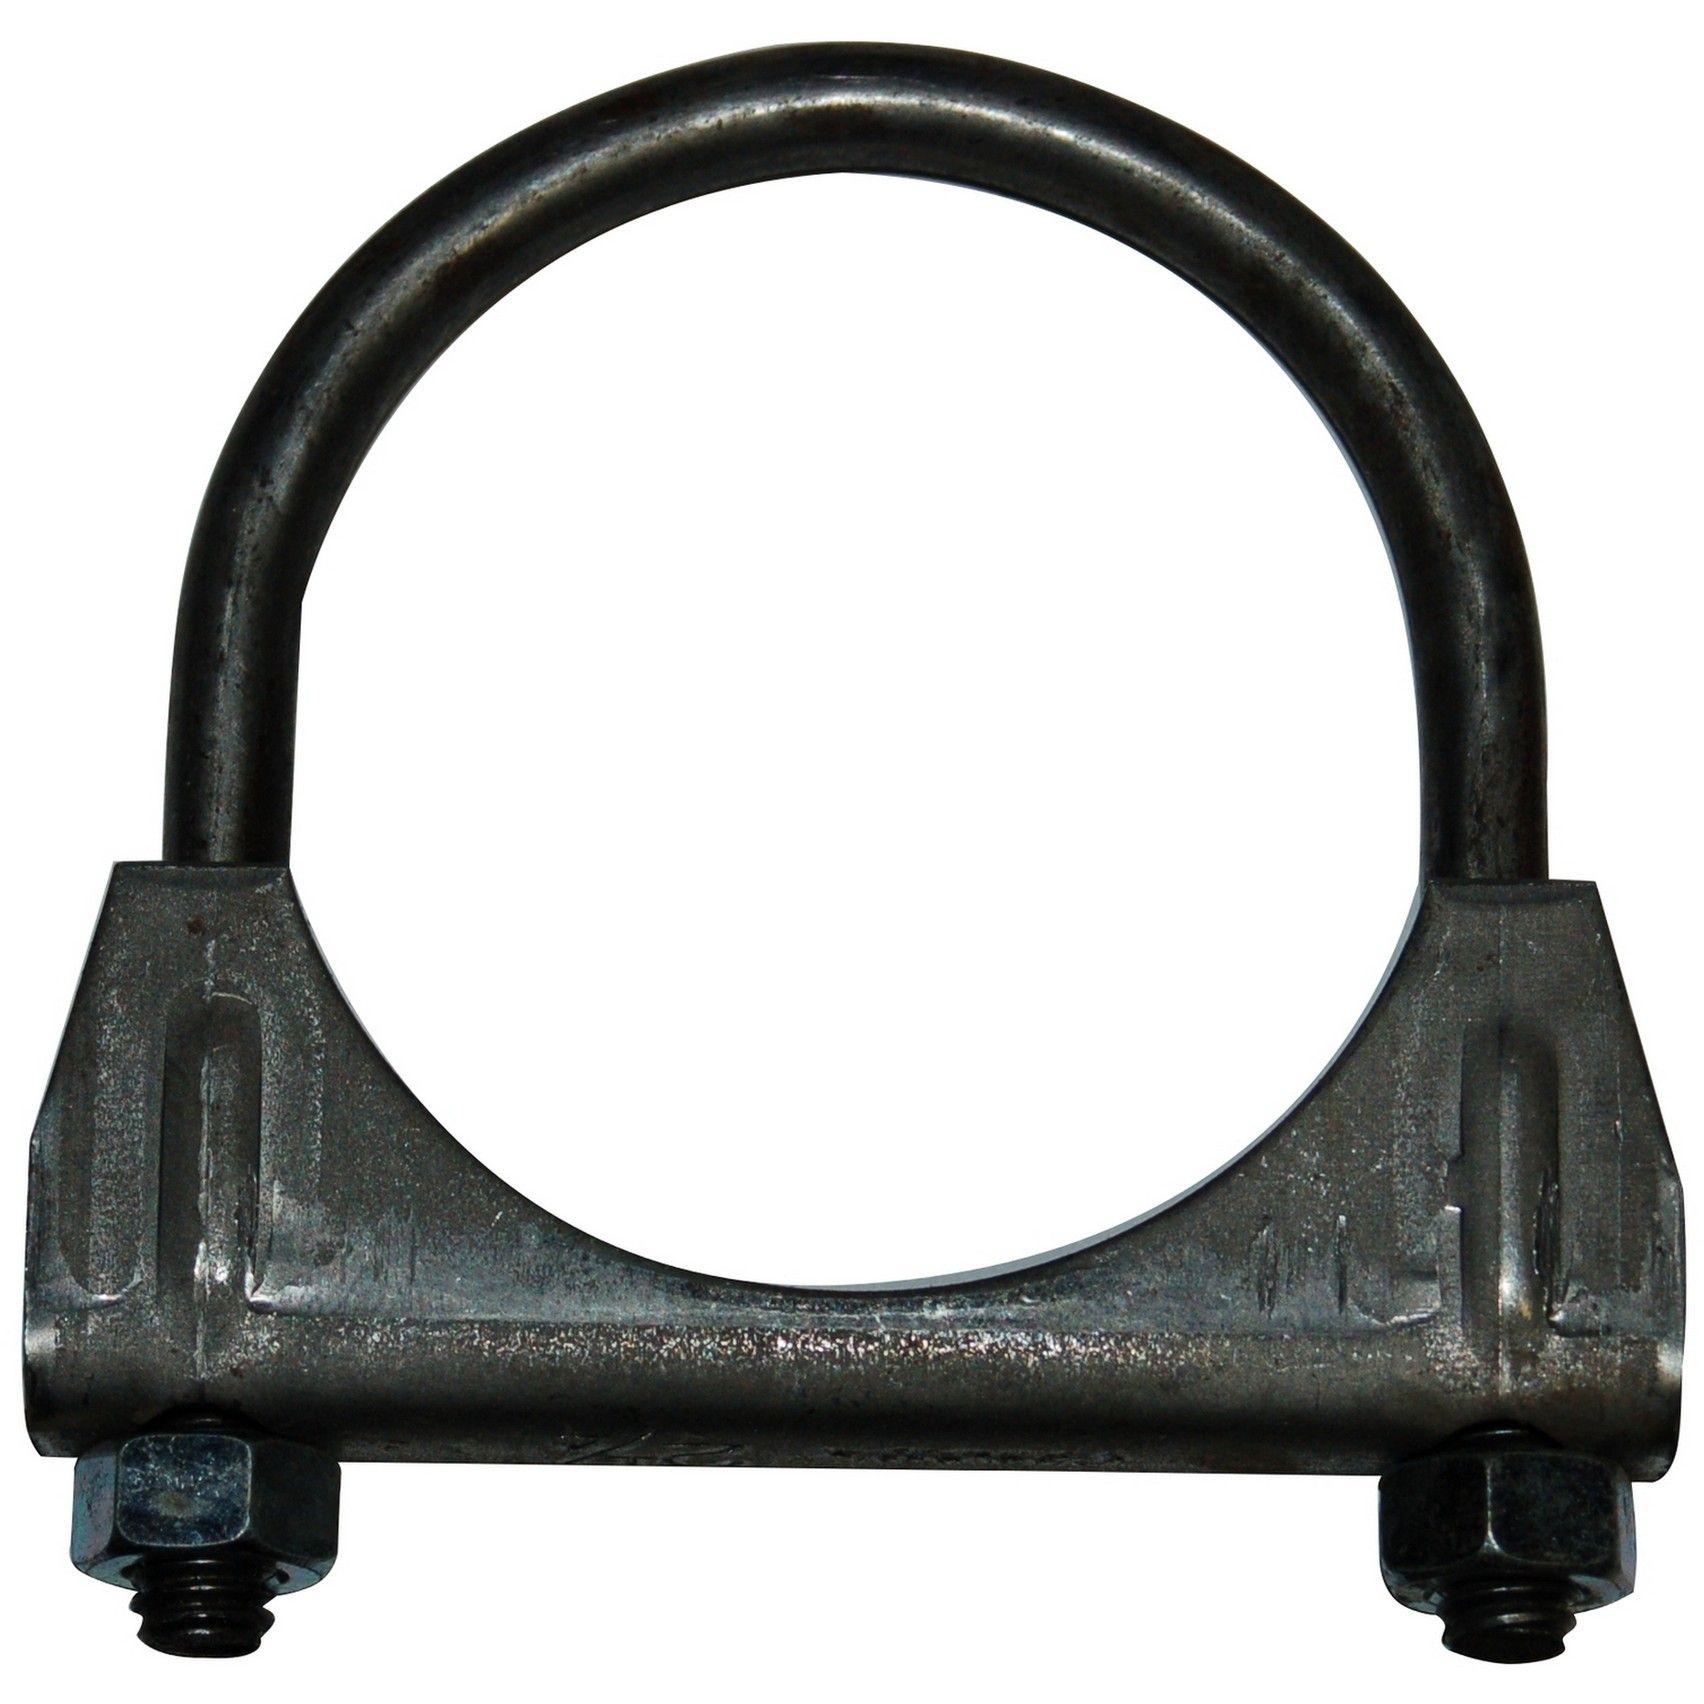 Isuzu Trooper Exhaust Clamp Replacement (Bosal, Walker) » Go